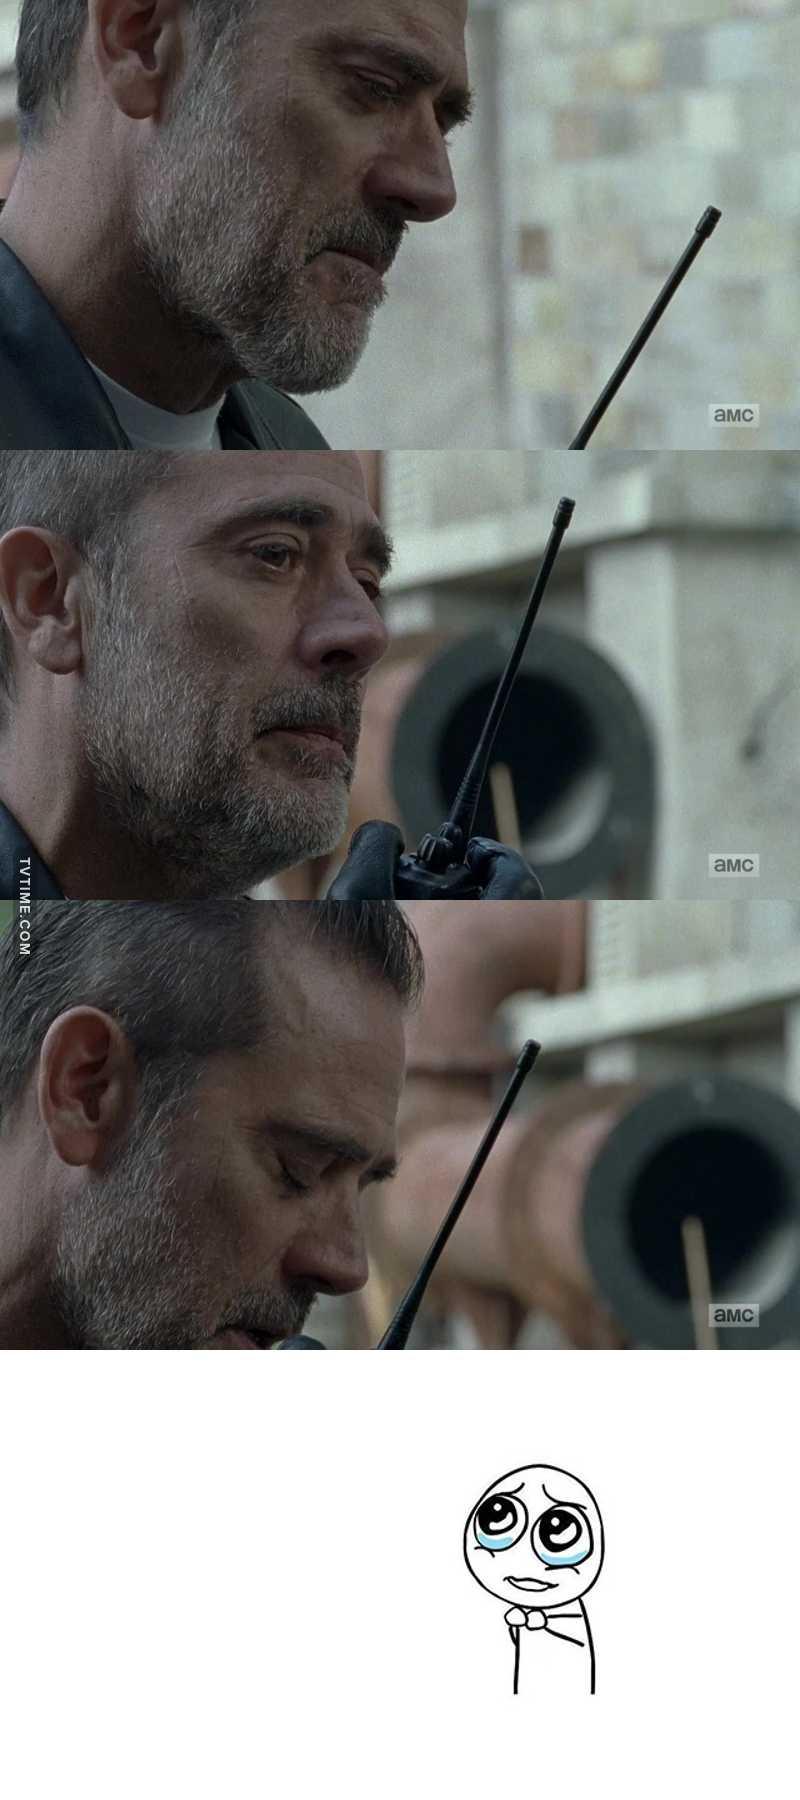 Sarà pure un bastardo, ma credo fosse davvero dispiaciuto per la morte di Carl